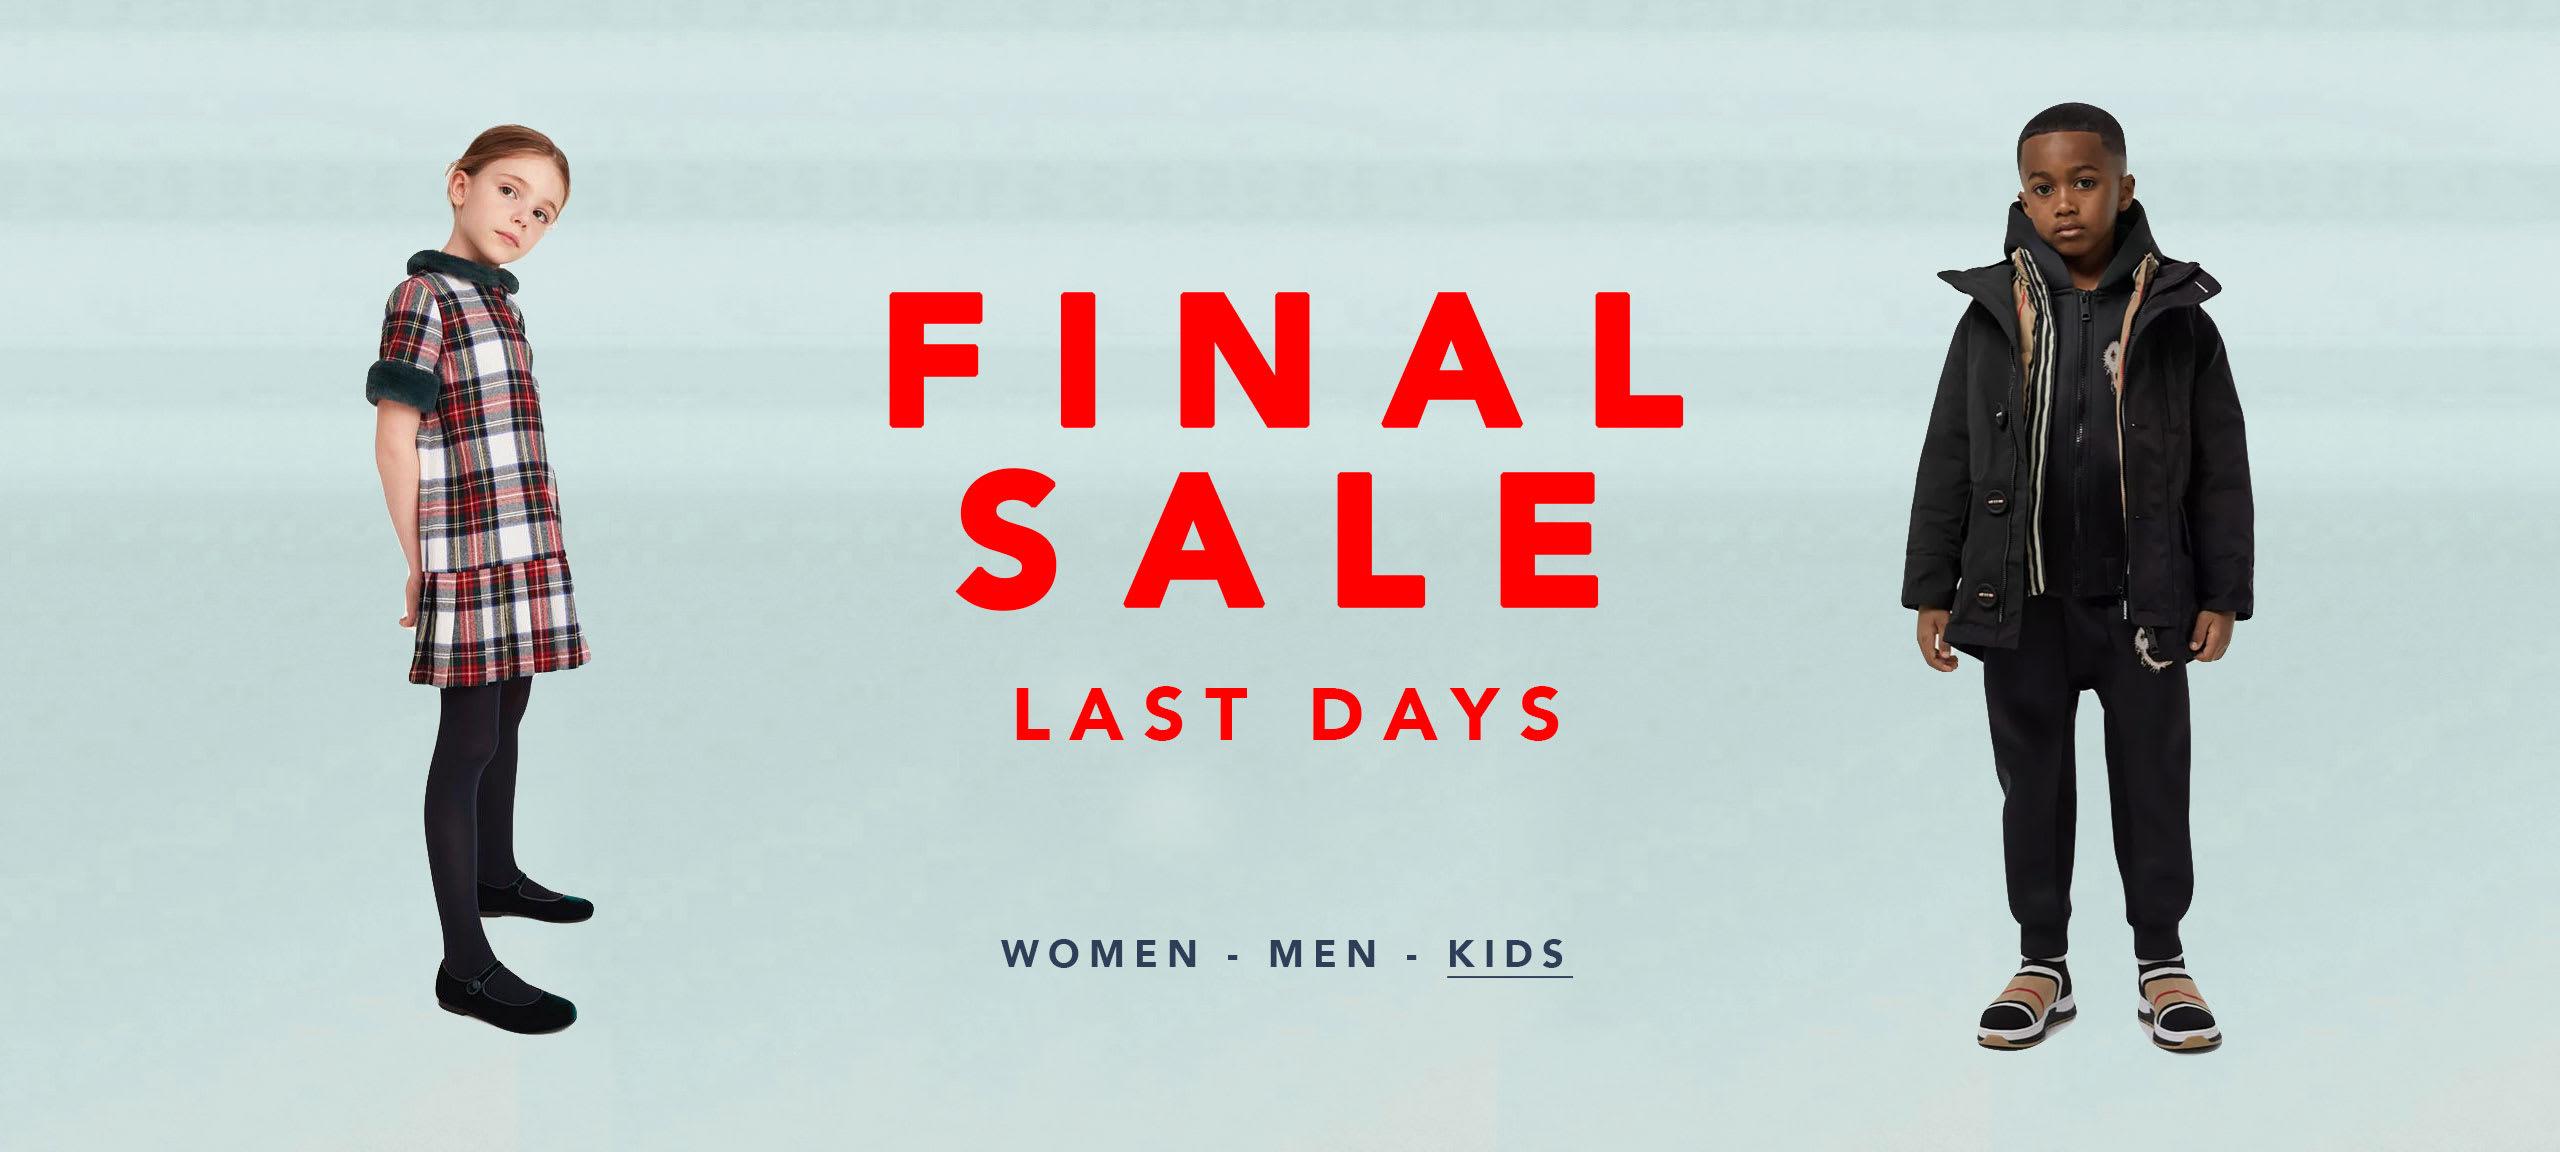 Kids Fall Winter 19/20 Sale by italist